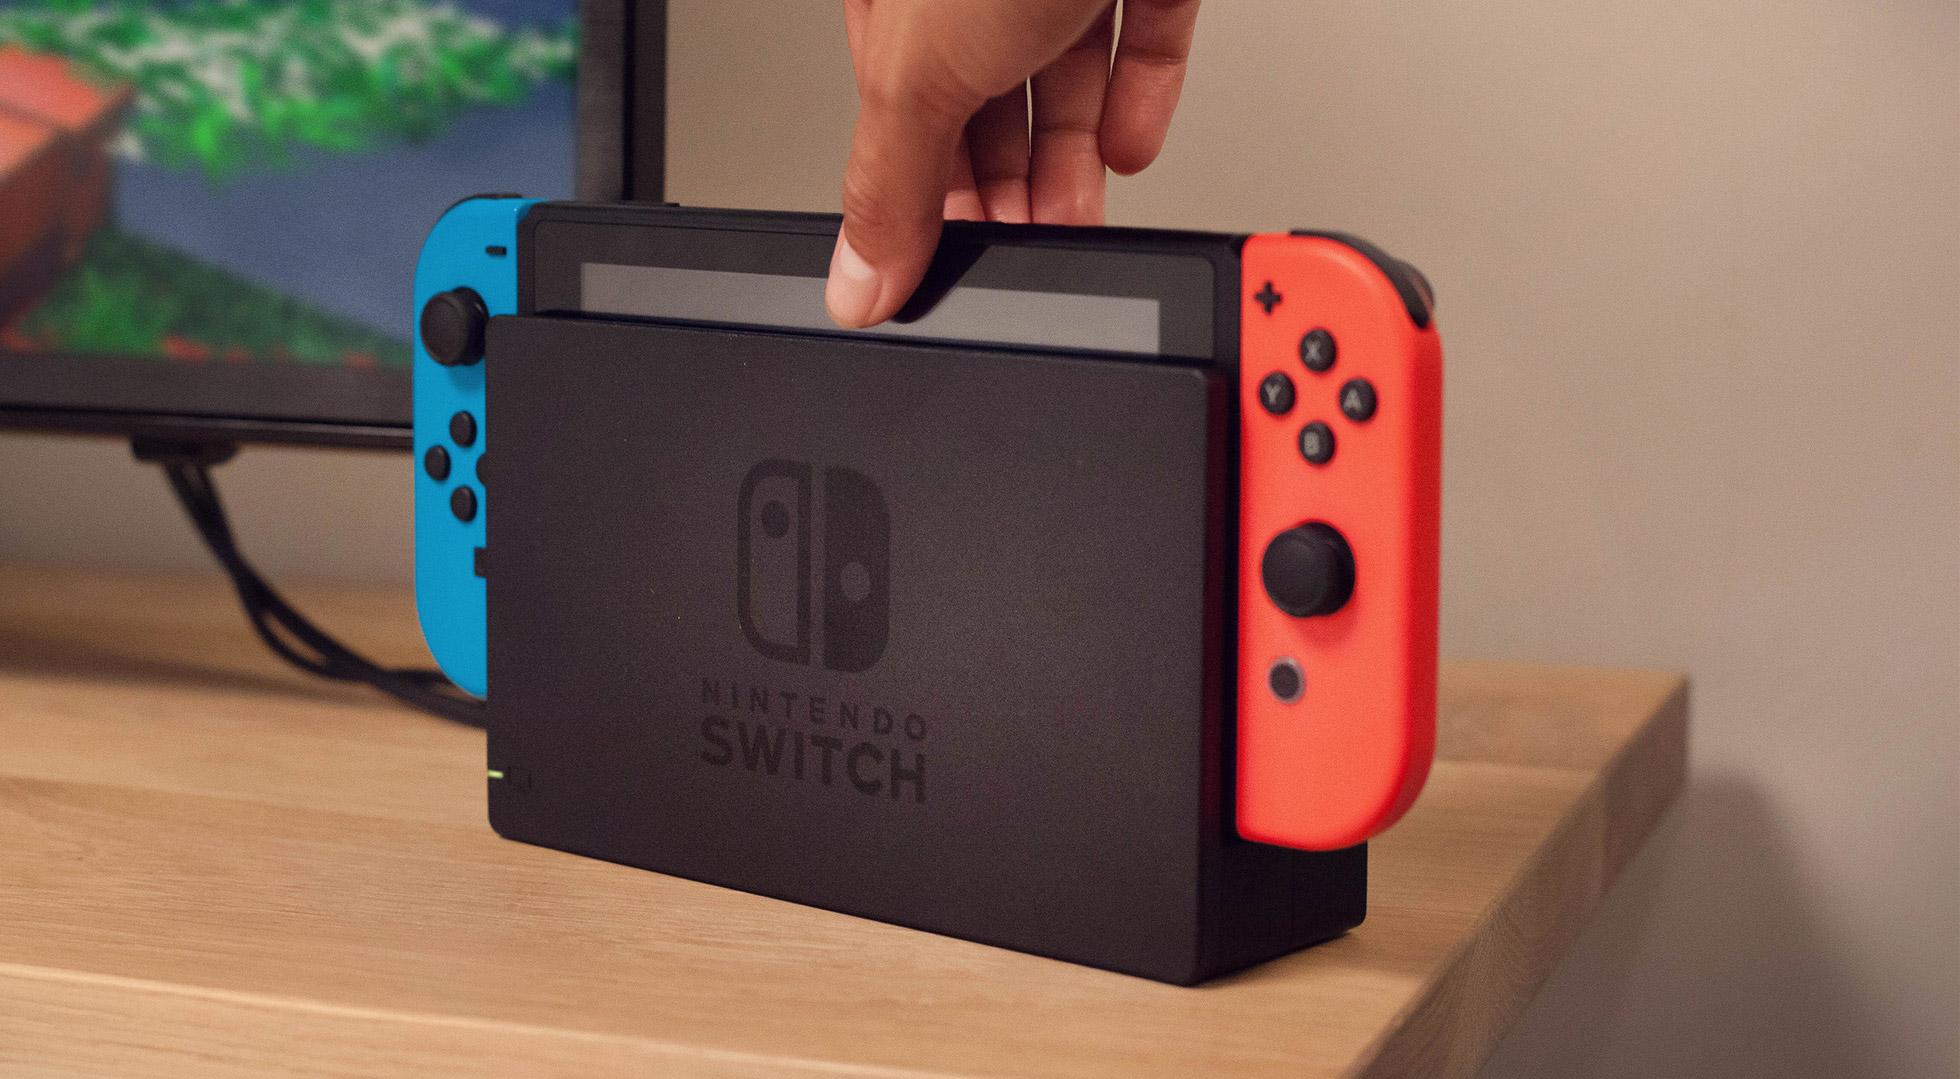 Nintendo Switch ha venduto più unità del Nintendo 3DS; nessun annuncio di un nuovo modello per ora